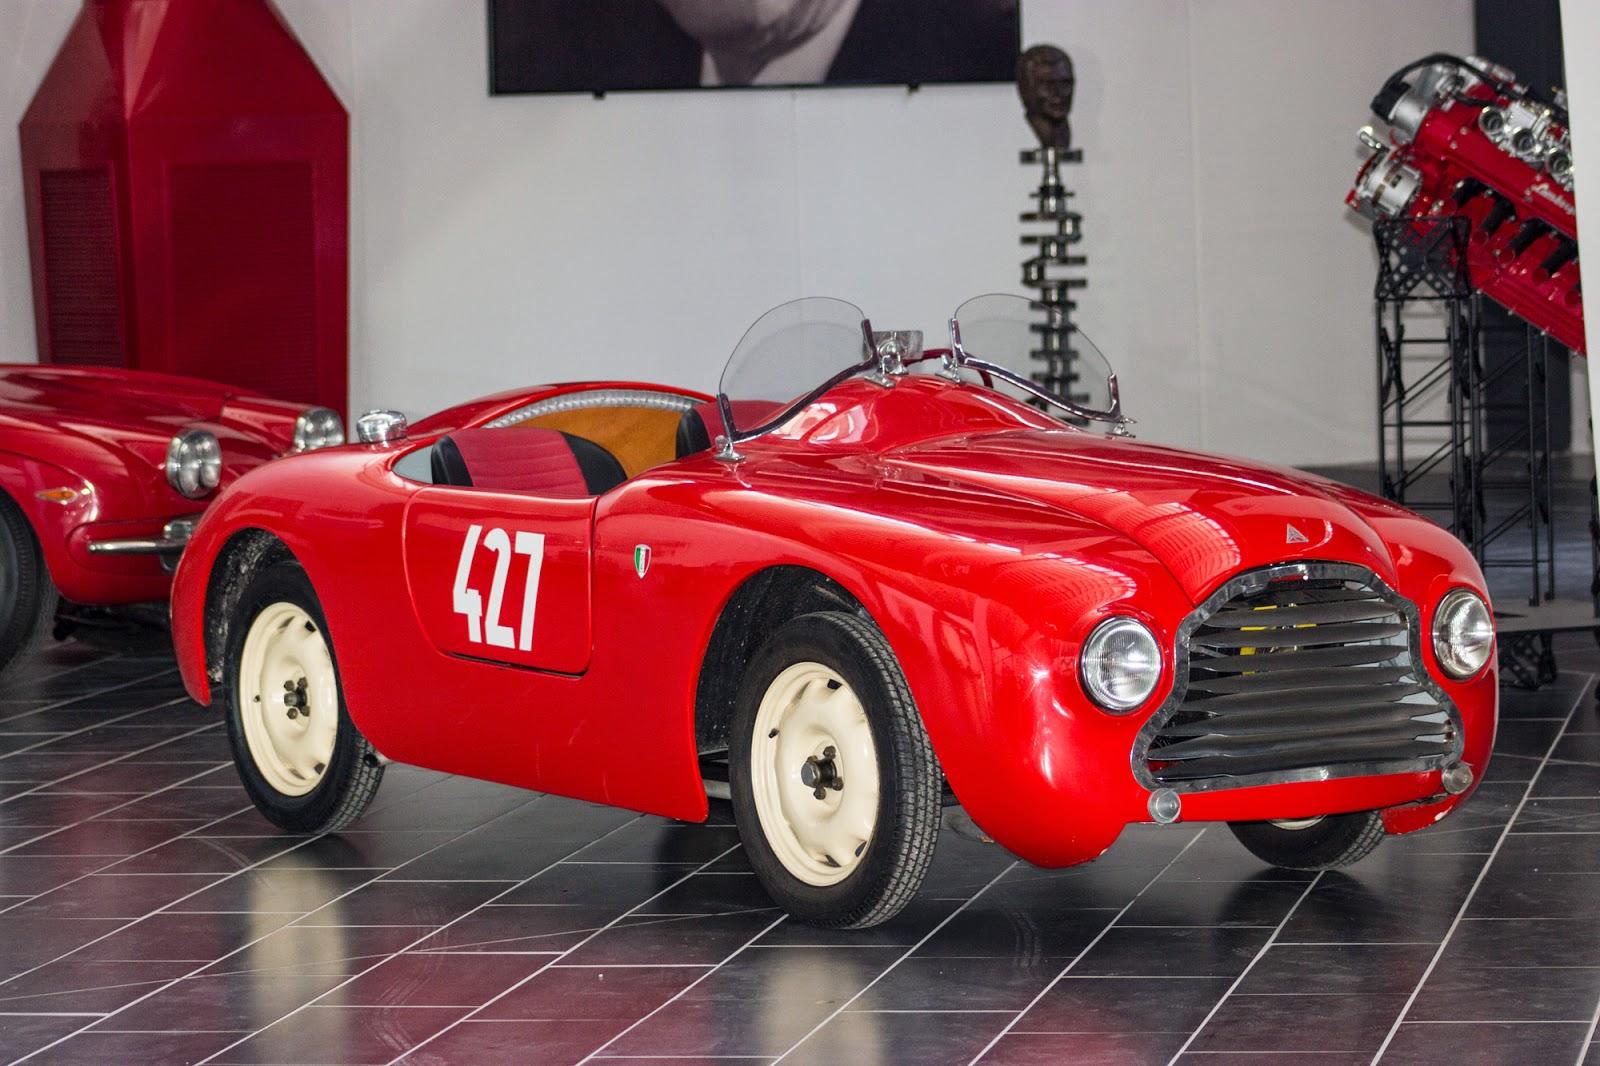 Elicottero Lamborghini : She motori museo ferruccio lamborghini quando la storia